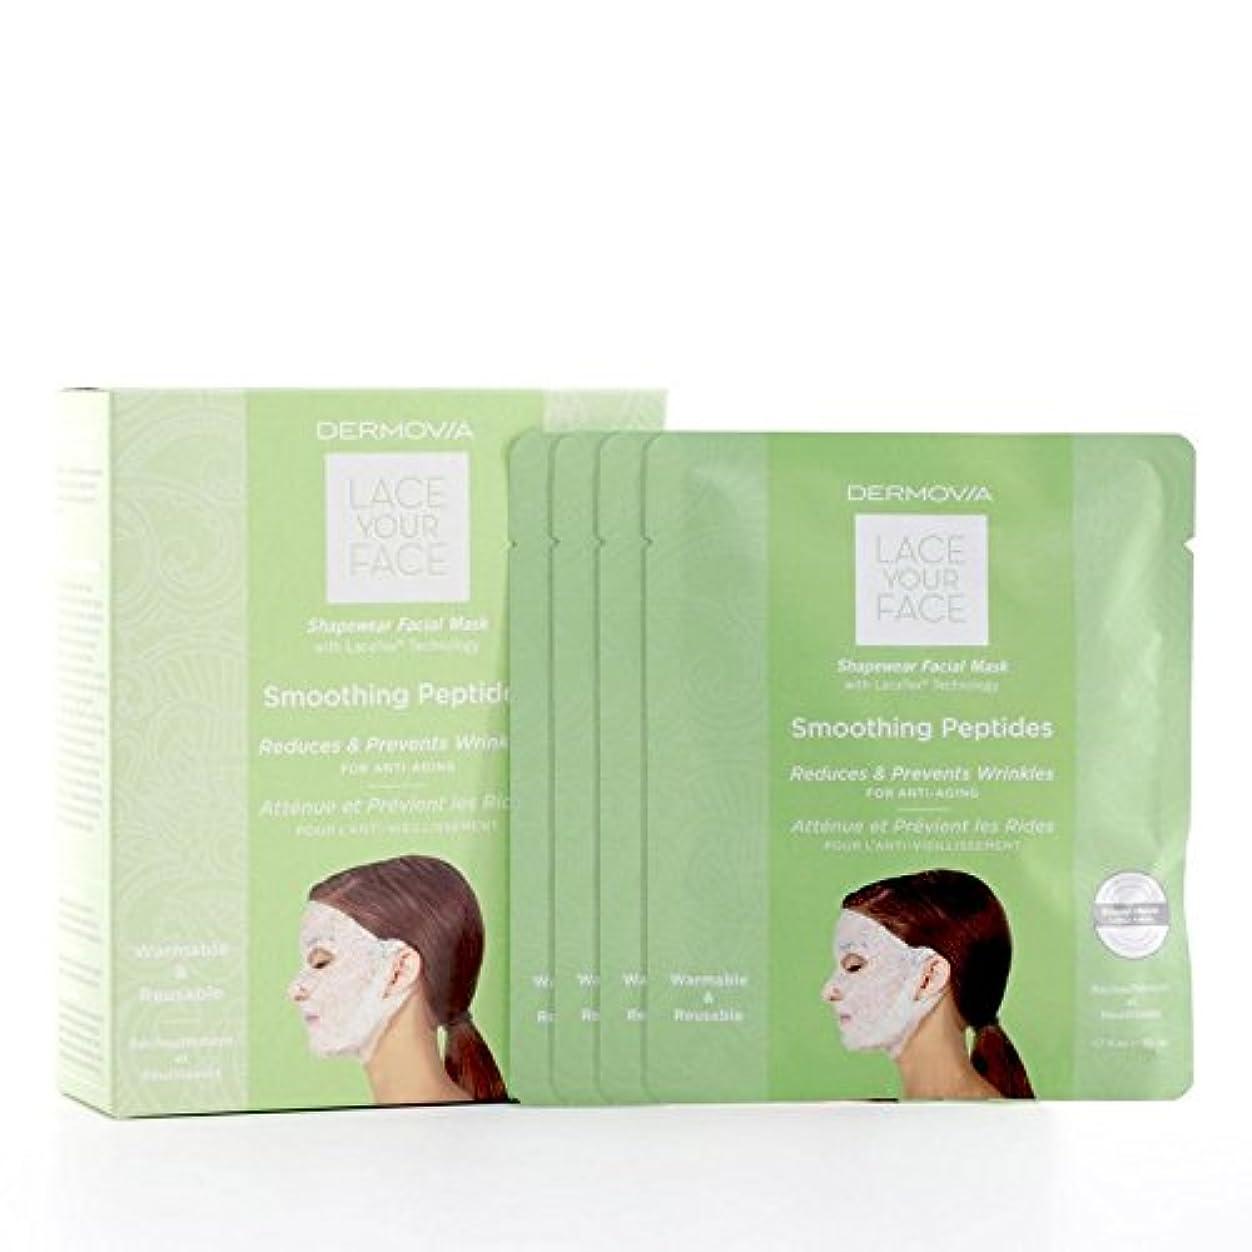 熟読光番号は、あなたの顔の圧縮フェイシャルマスク平滑化ペプチドをひもで締めます x2 - Dermovia Lace Your Face Compression Facial Mask Smoothing Peptides (Pack...